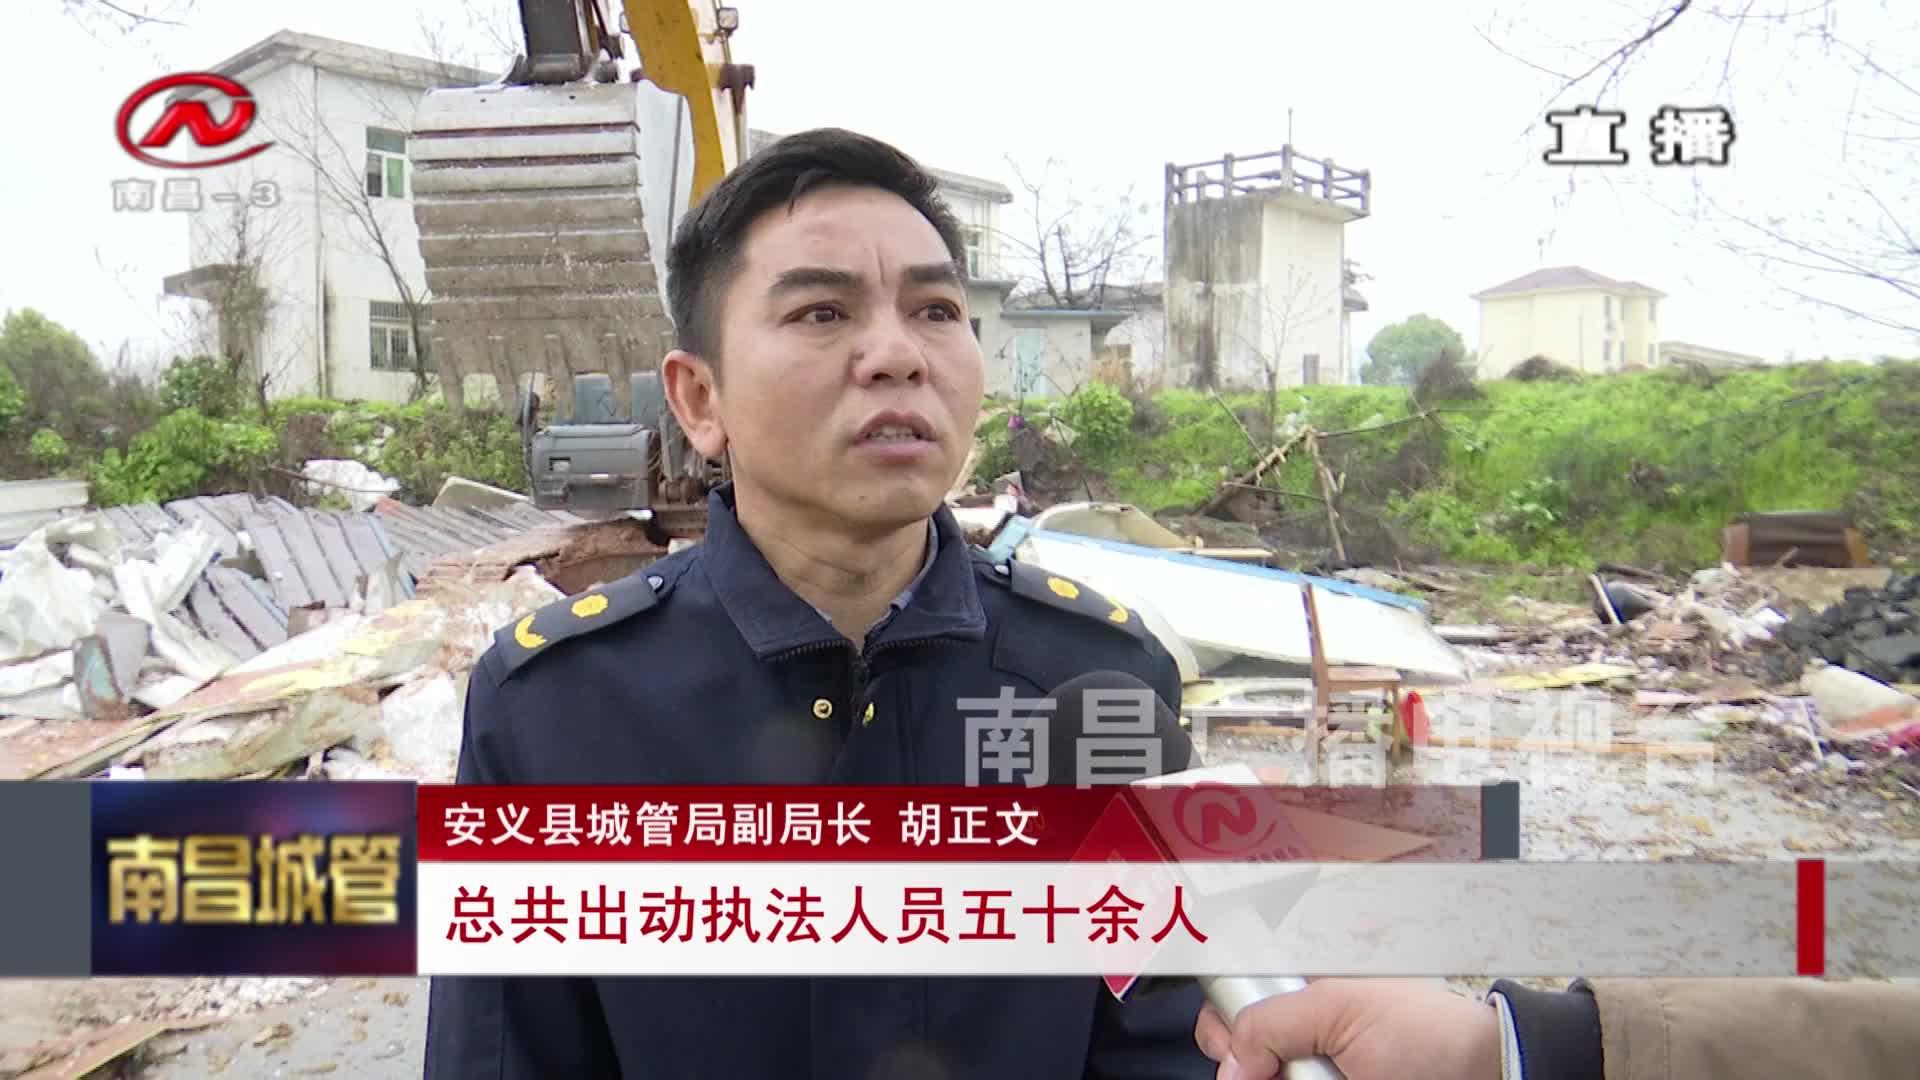 【城管新聞】安義縣:重拳出擊 一舉拆除2000平米違建